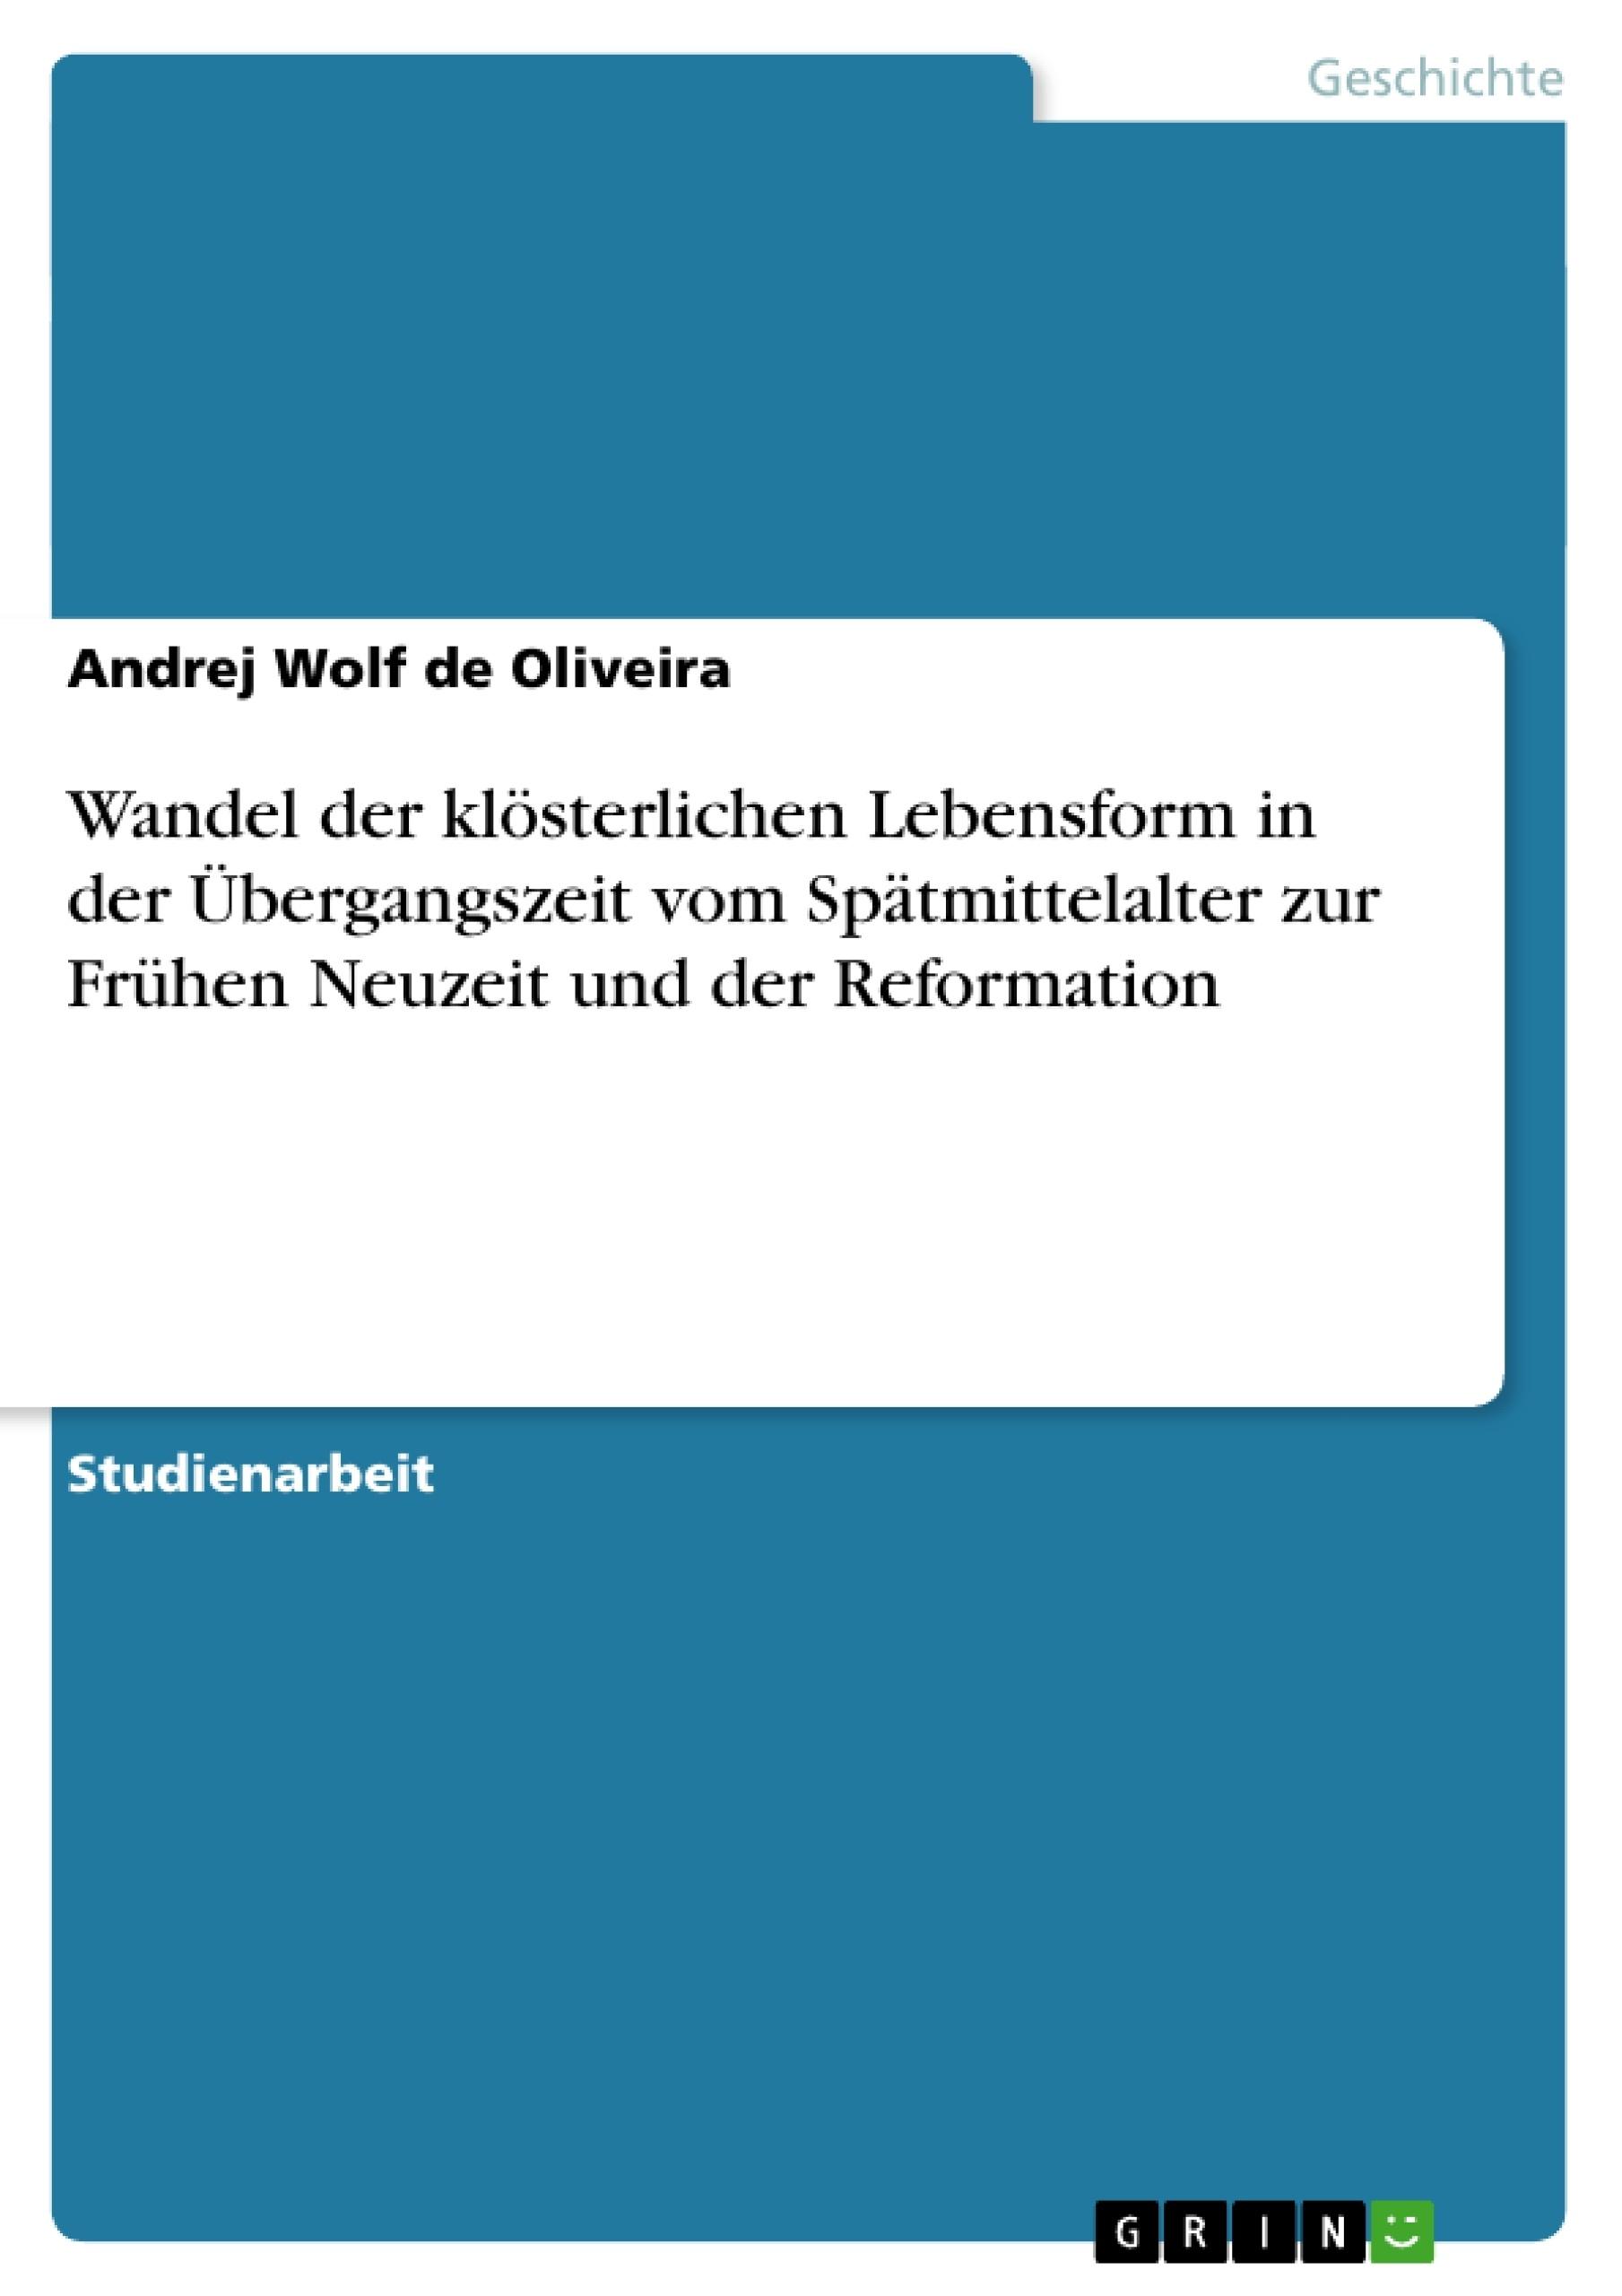 Titel: Wandel der klösterlichen Lebensform in der Übergangszeit vom Spätmittelalter zur Frühen Neuzeit und der Reformation